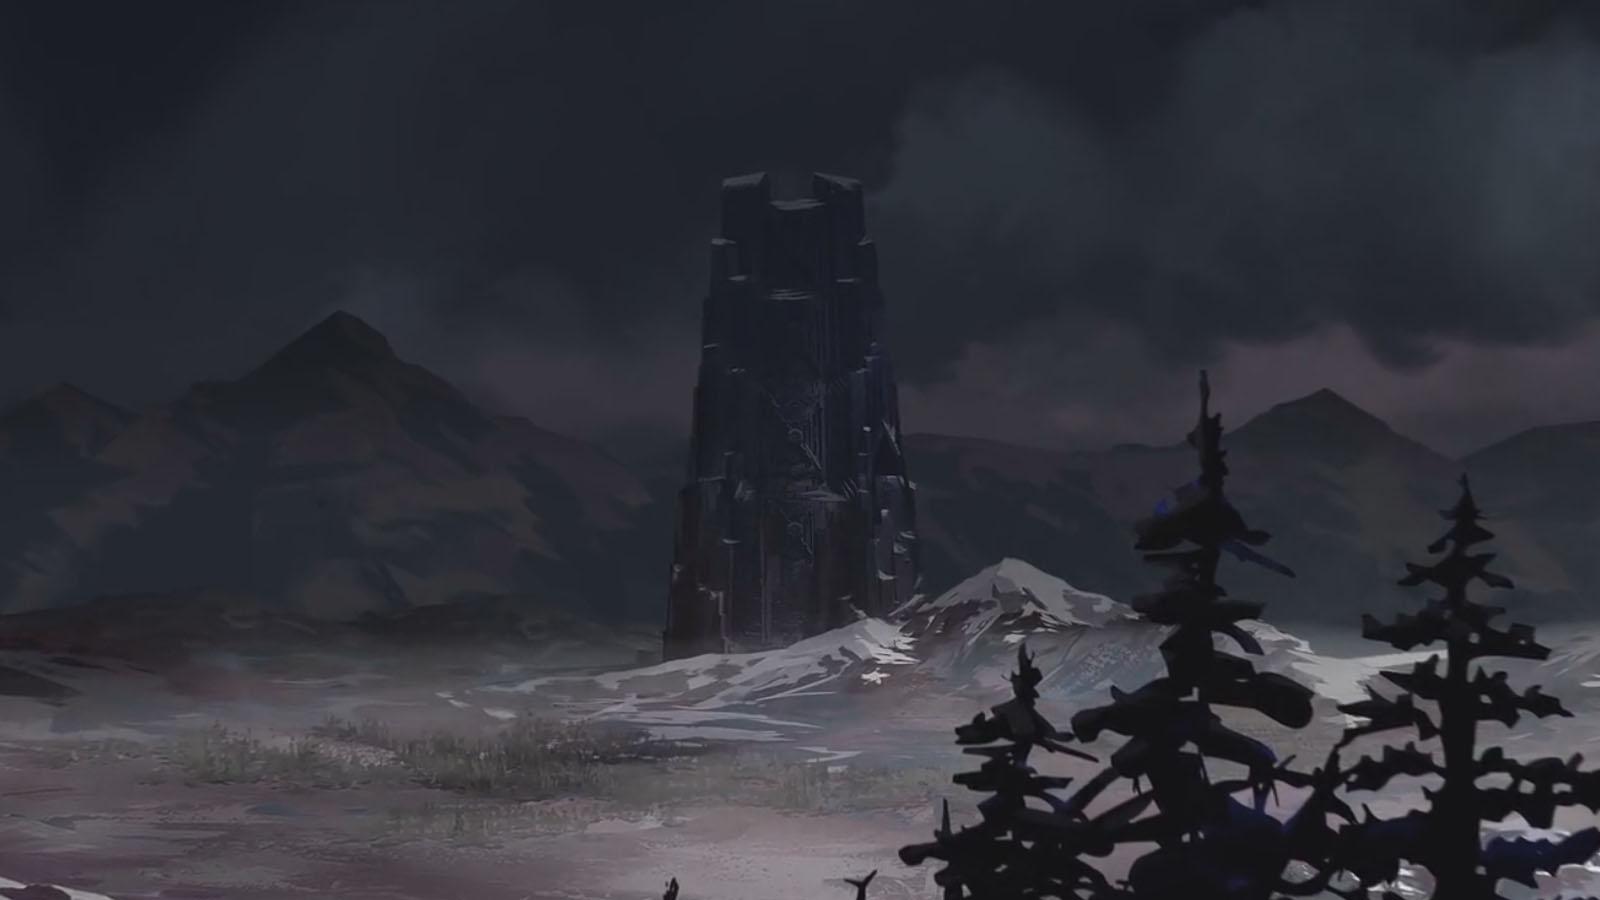 163231|121 |https://gamingtrend.com/wp-content/uploads/2020/01/darktower.jpg